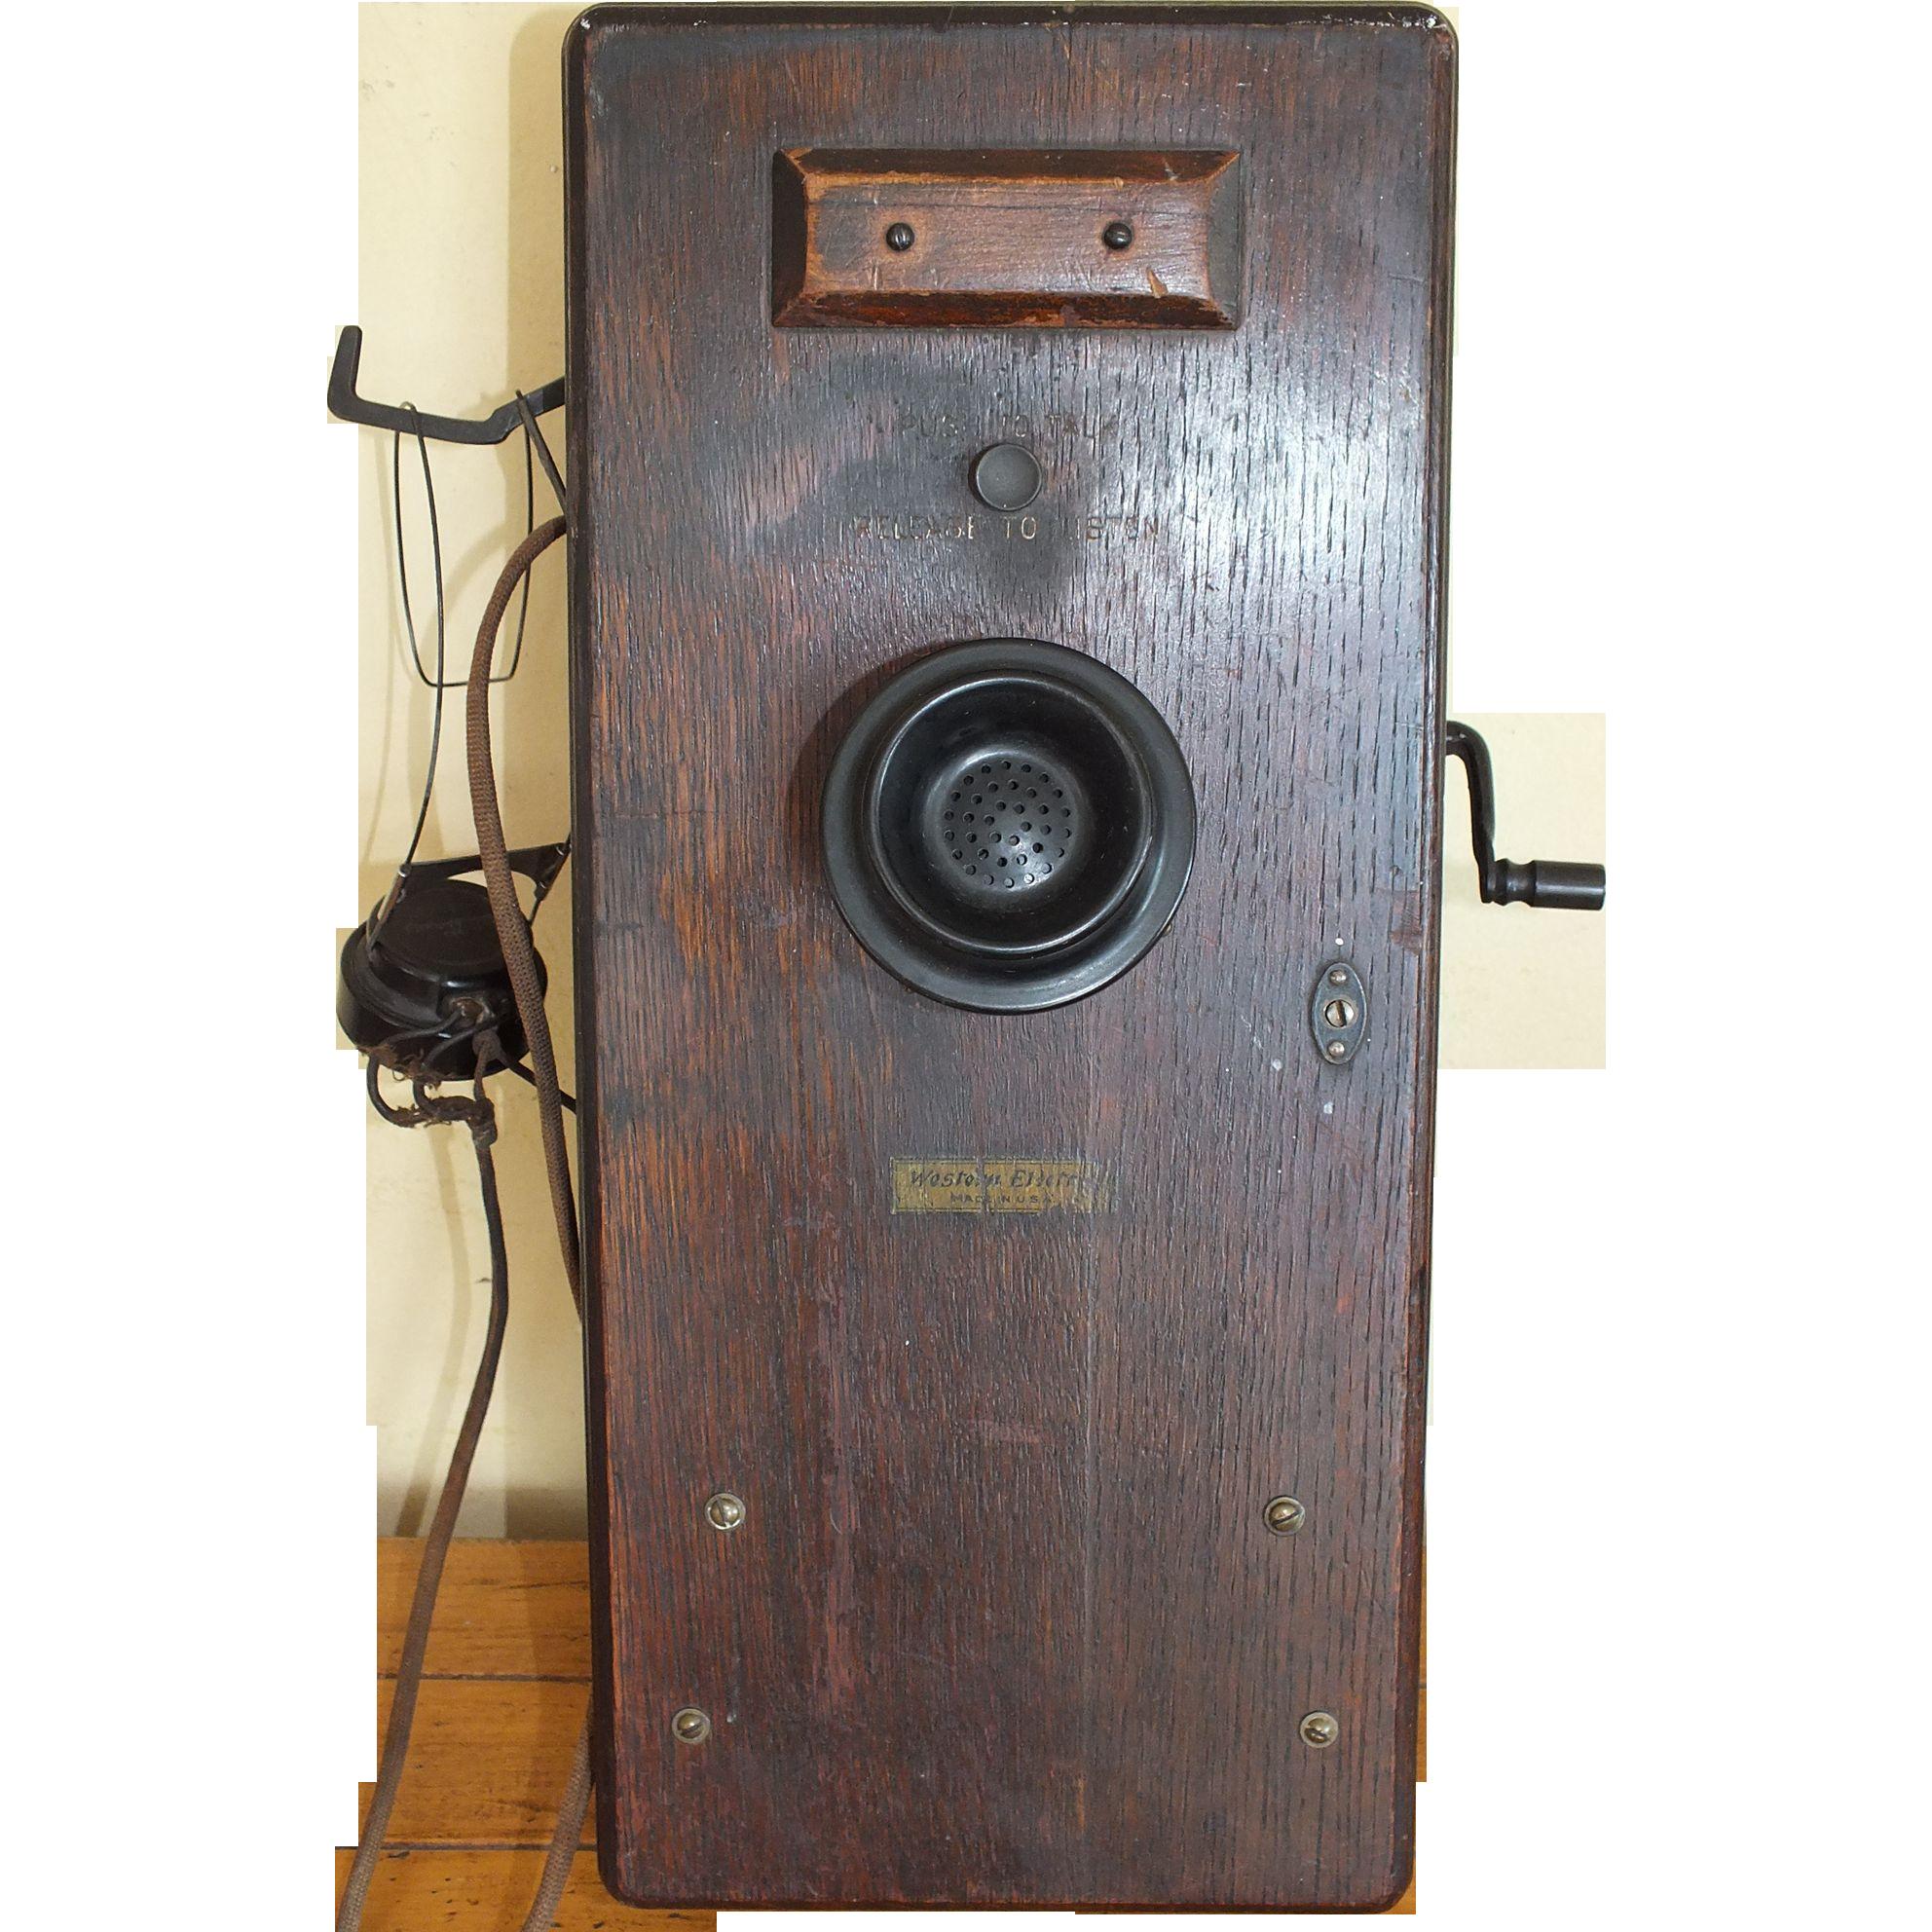 Vintage Western Electric Phone 84